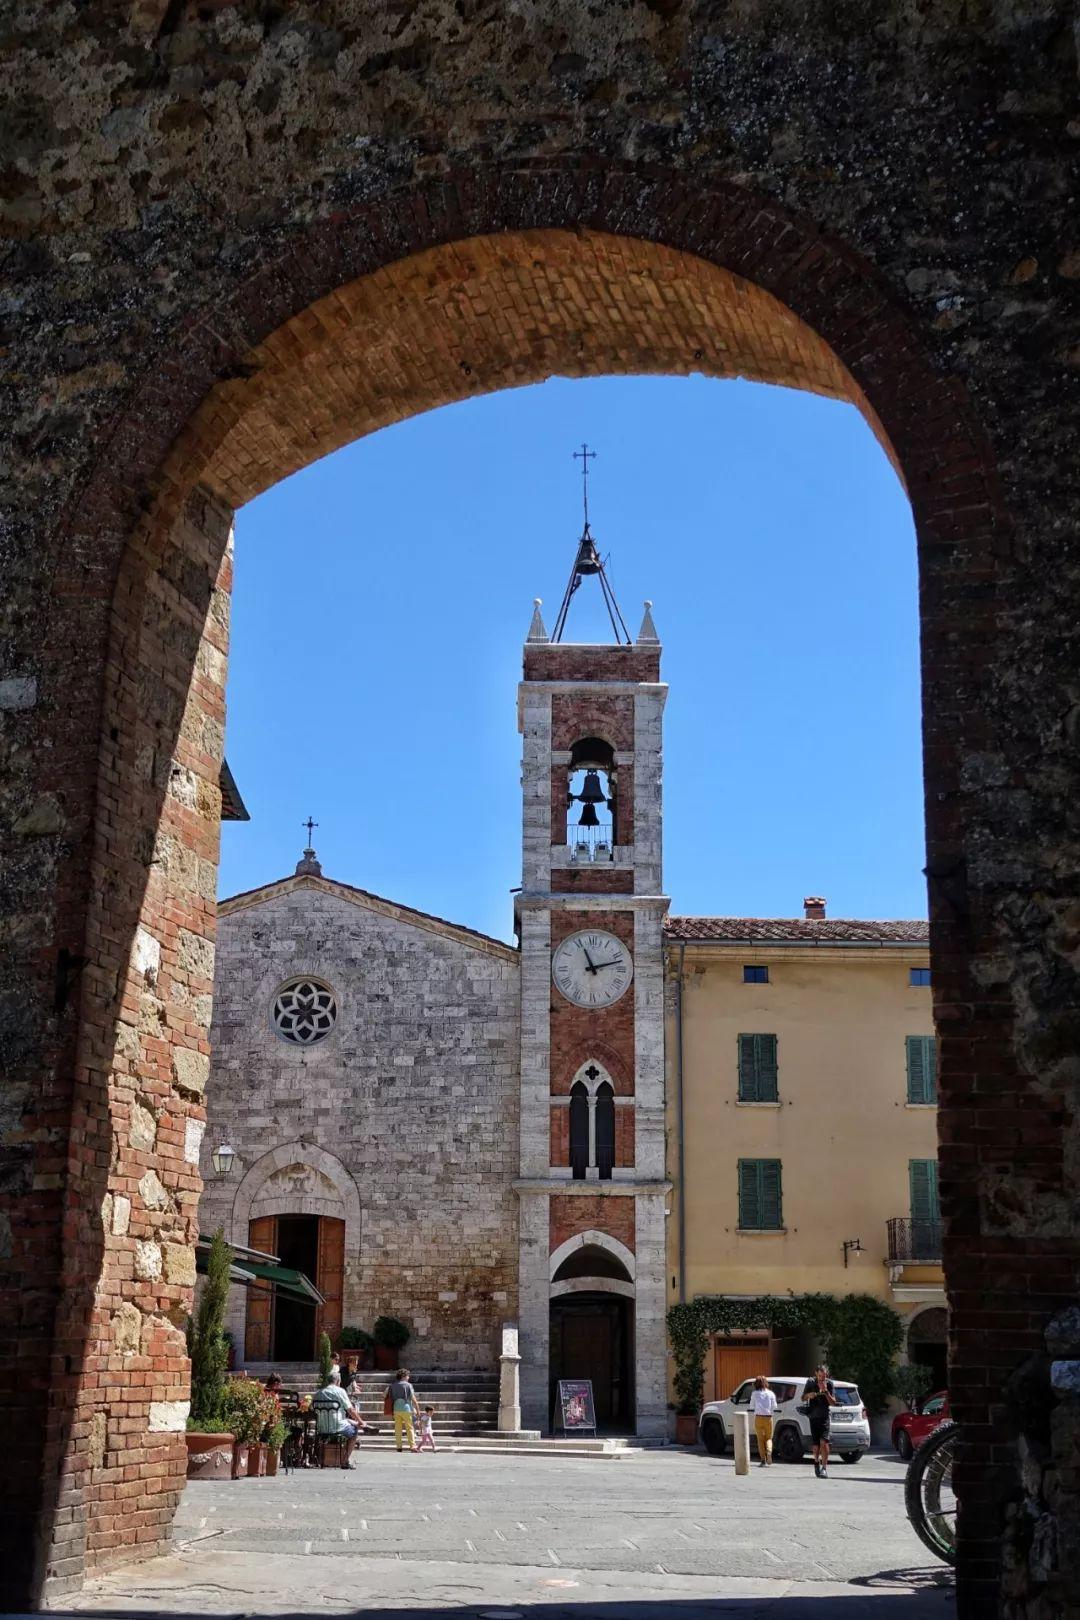 深入托斯卡纳腹地 3天时间体验最纯正的意大利小镇生活 | 全球 GO